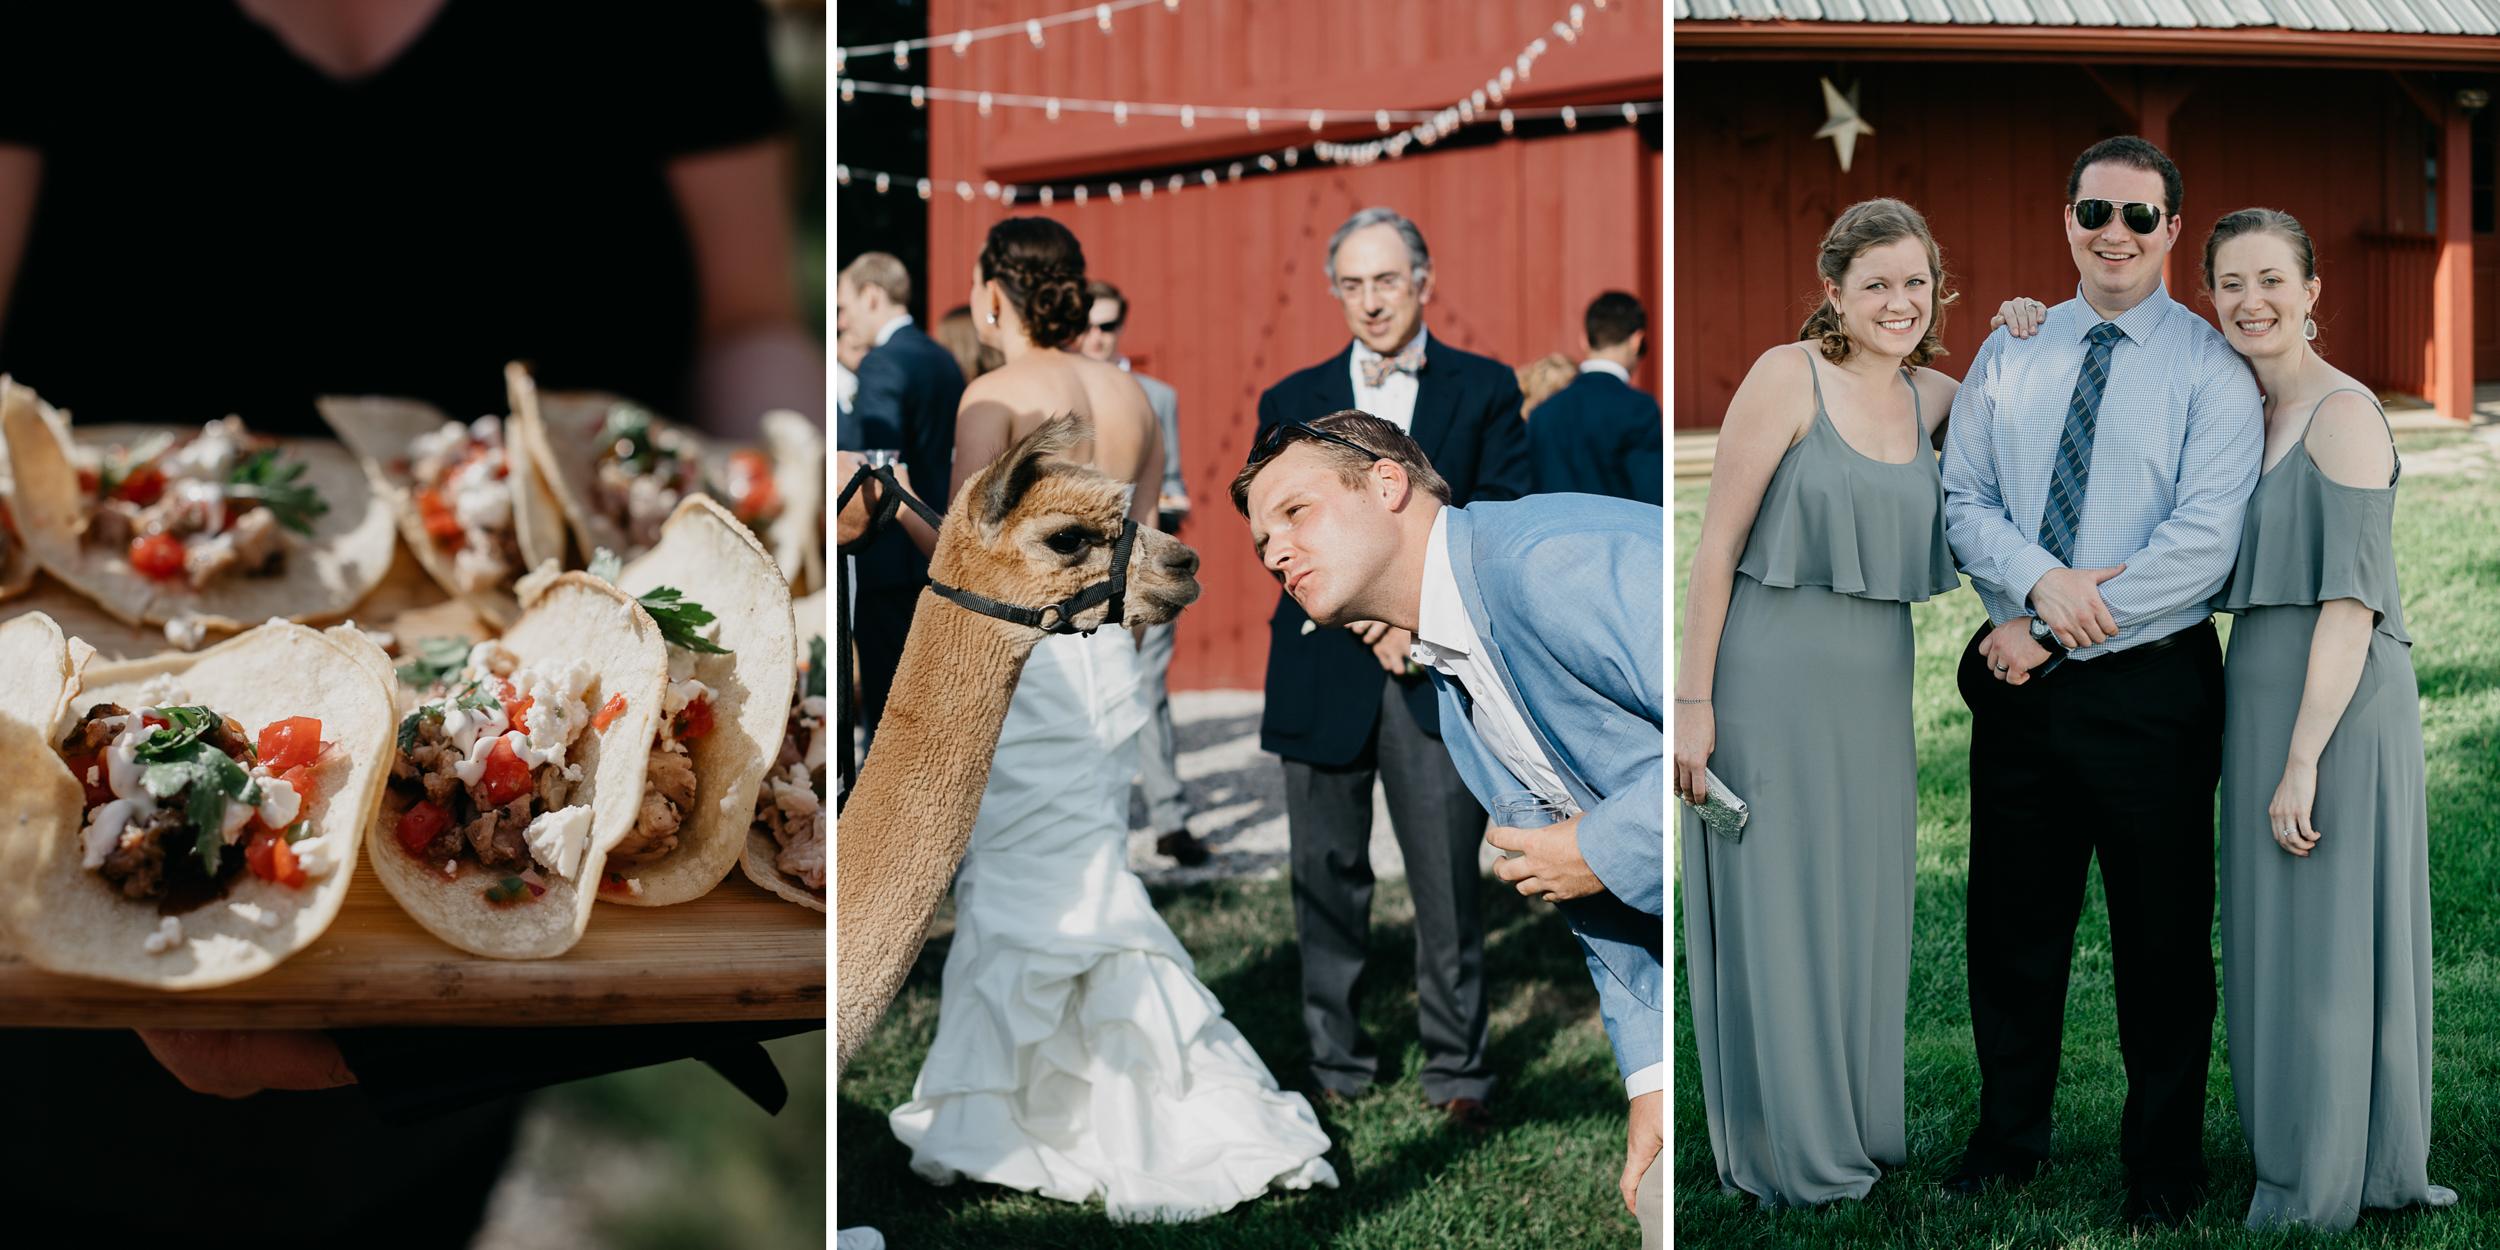 Jessie_Erik_Pownal_Maine_Wedding_William_allen_farm_036.jpg